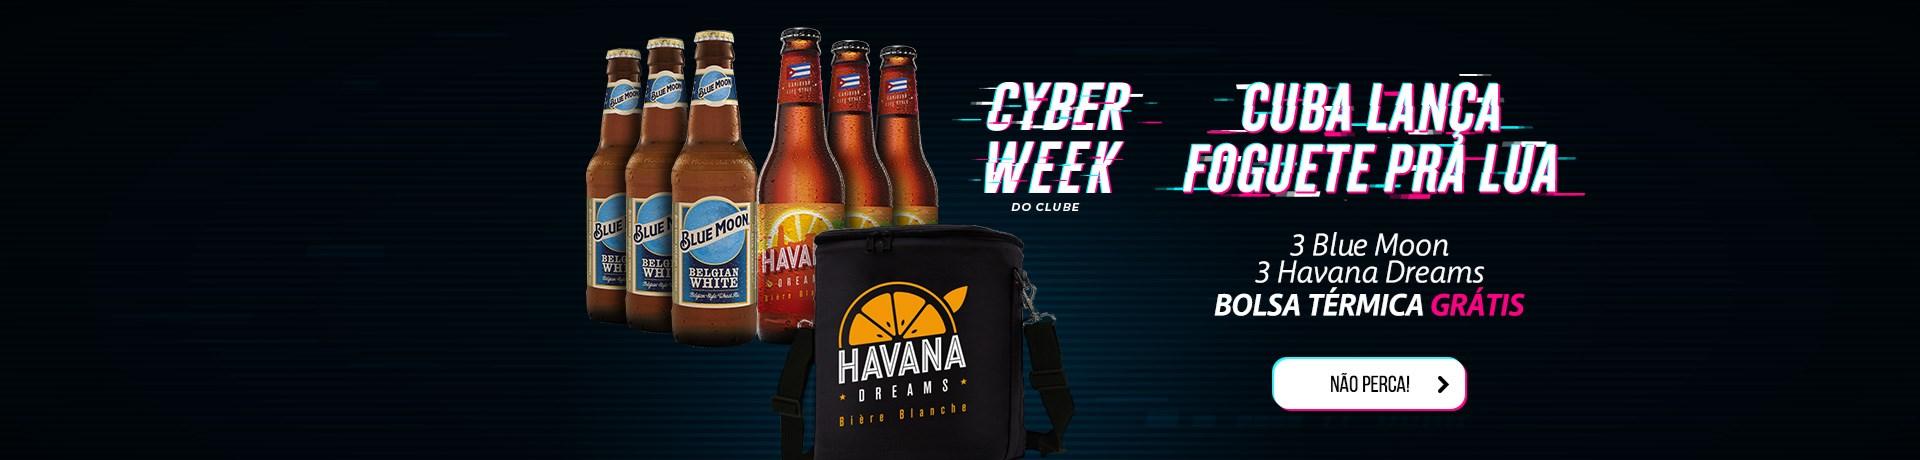 CyberWeek - Cuba Lança - Home Desktop